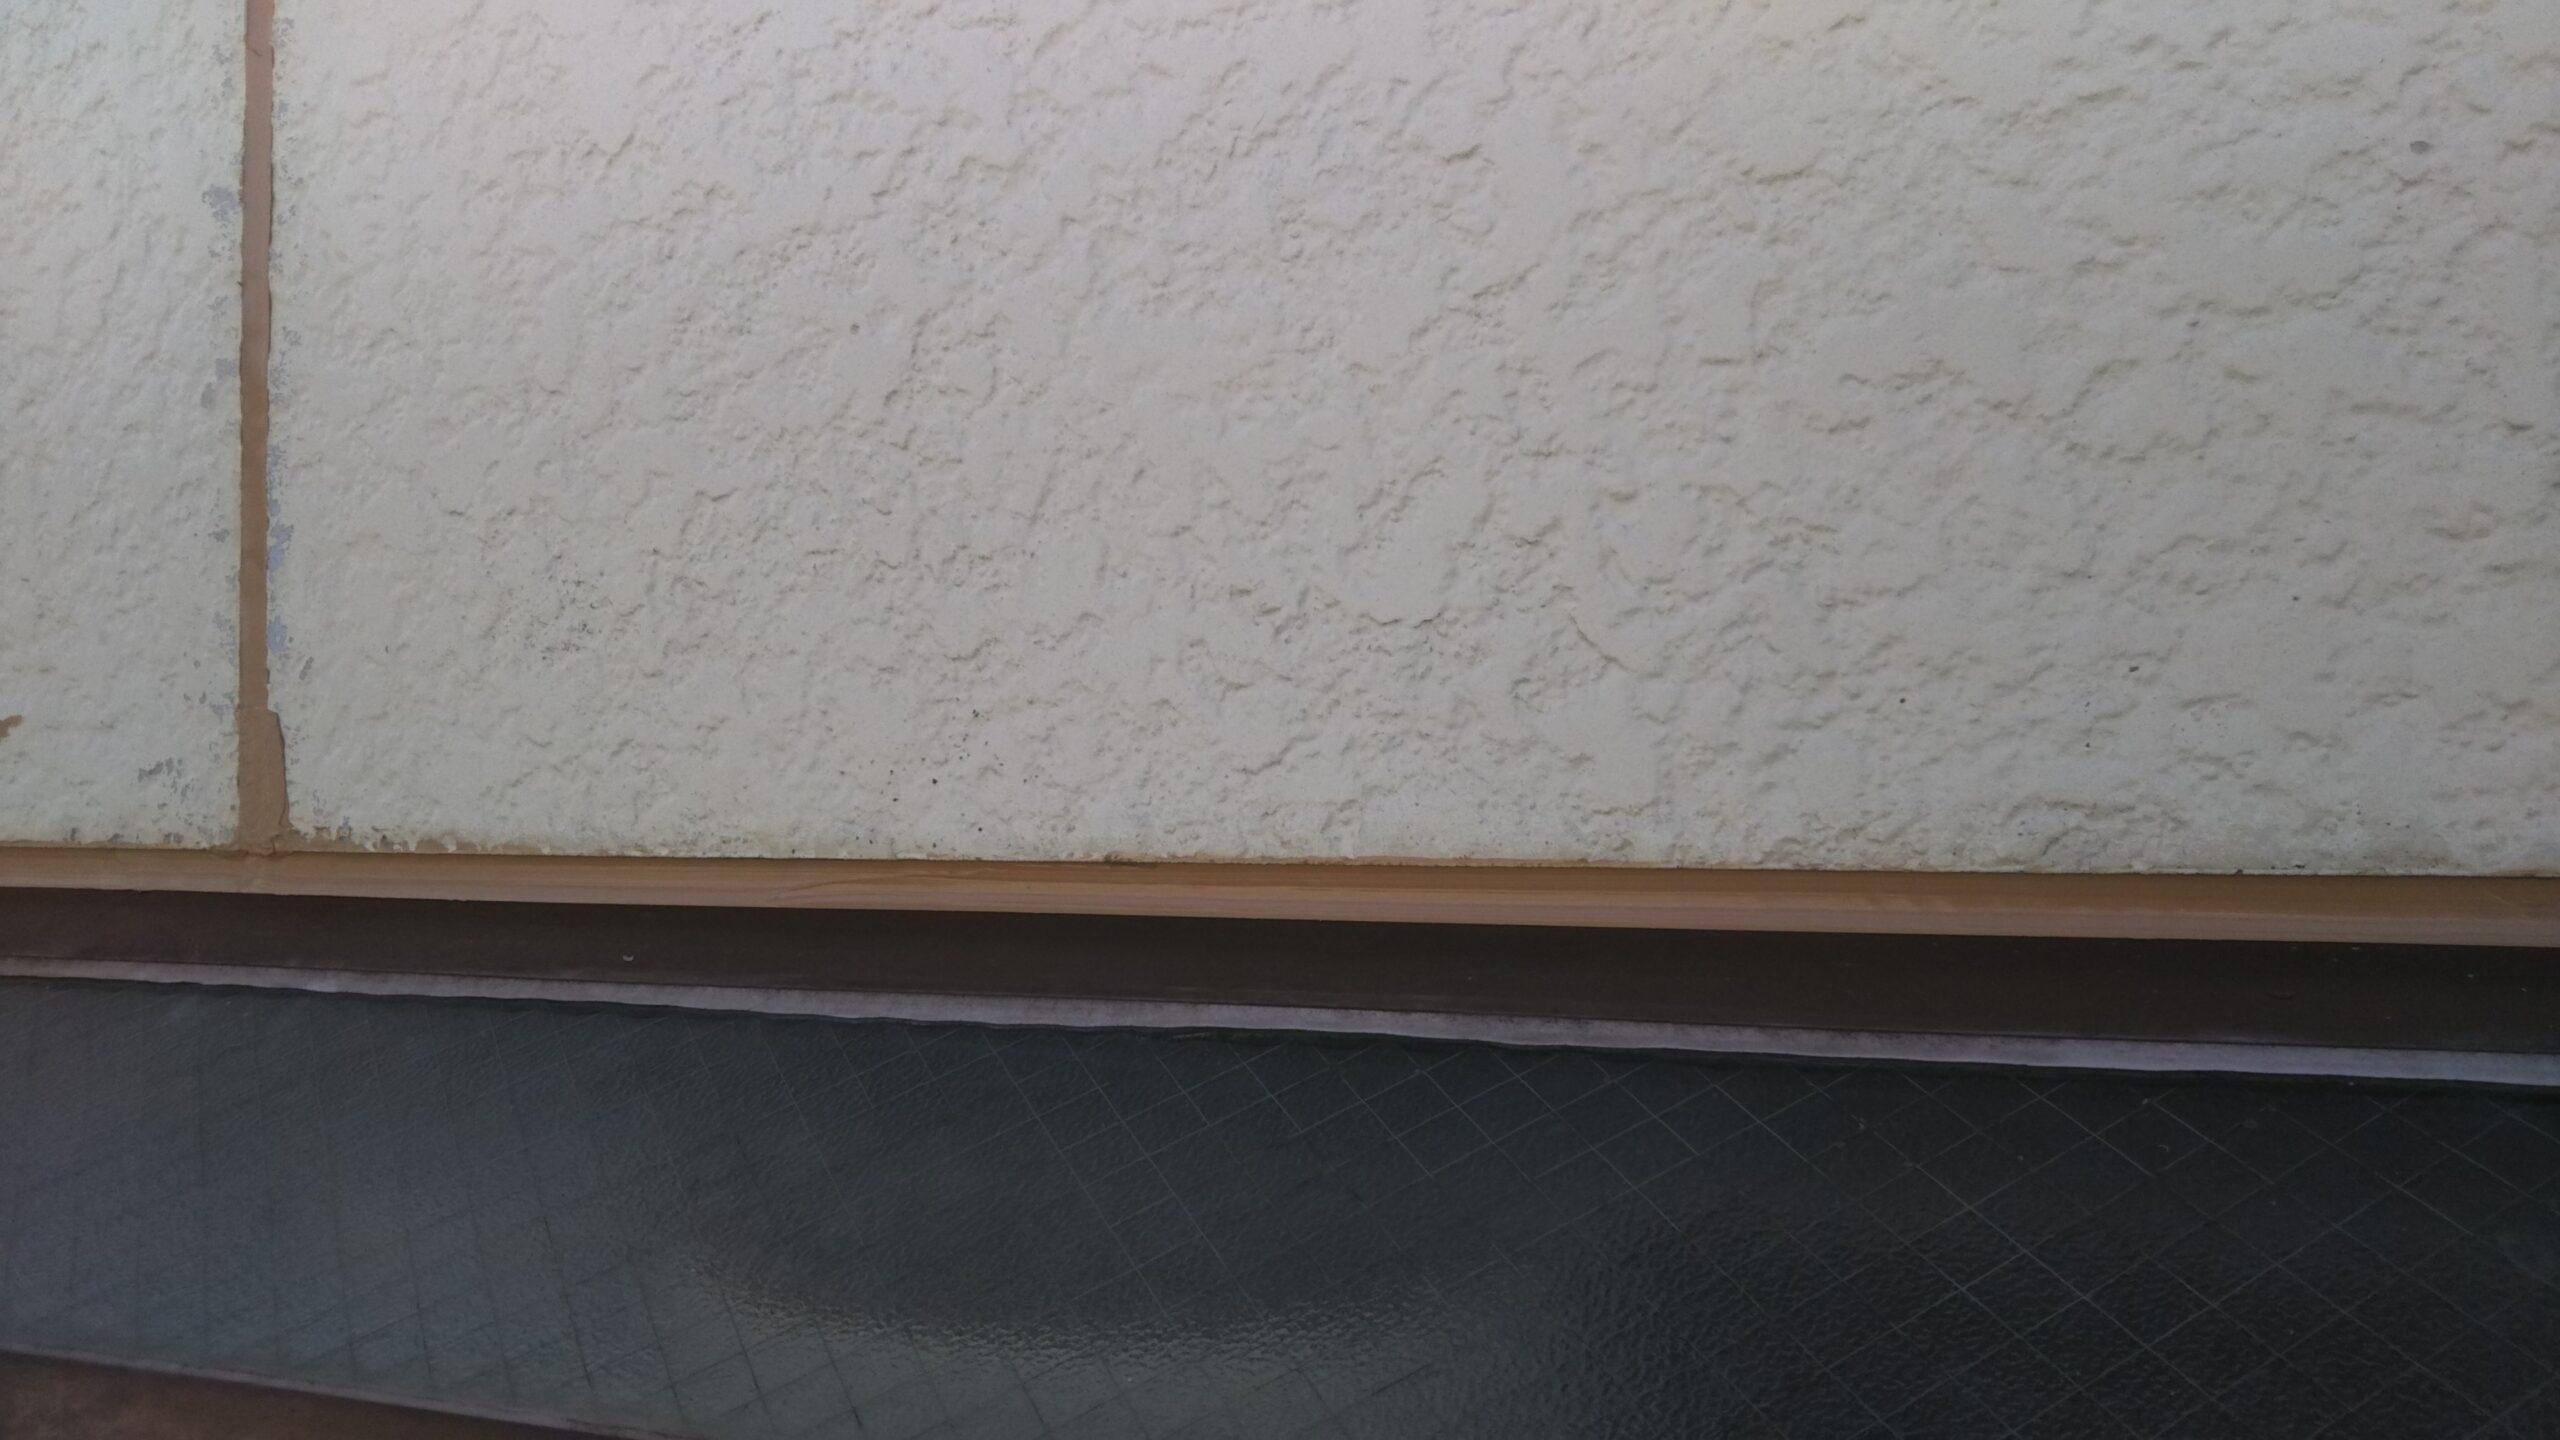 さいたま市浦和区のK様邸(木造2階建て)にてコーキングの撤去・打ち替えと屋根塗装